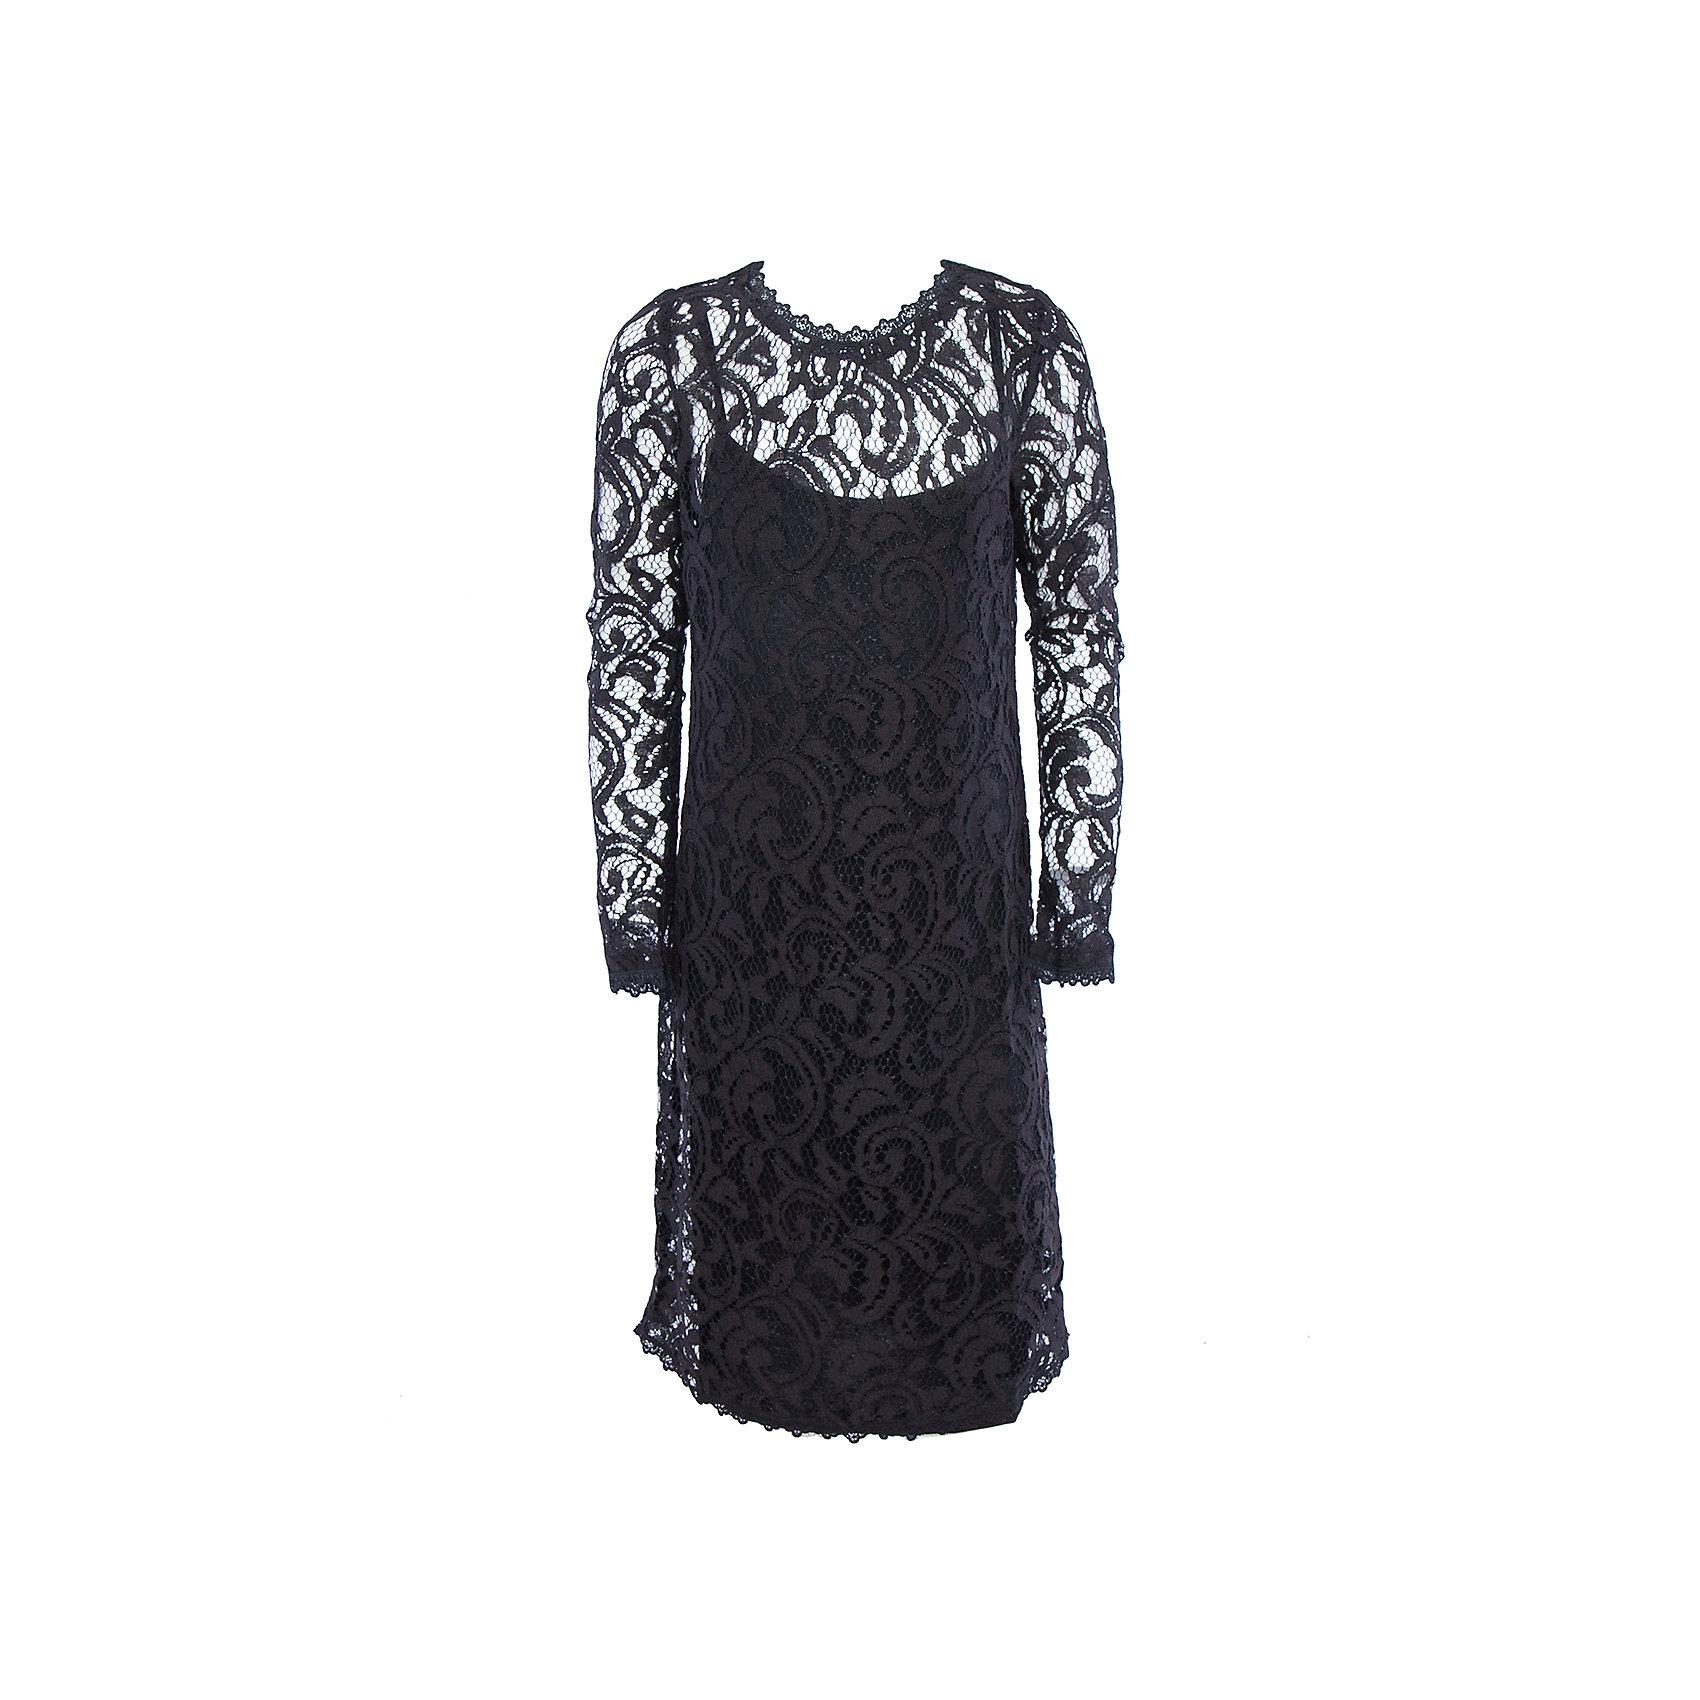 Нарядное платье для девочки ScoolОдежда<br>Характеристики:<br><br>• Вид одежды: праздничное платье<br>• Сезон: круглый год<br>• Материал: верх – 80 хлопок, 20% полиамид, подкладка – 100% вискоза<br>• Цвет: черный<br>• Силуэт: прямой<br>• Длина платья: миди<br>• Рукав: длинный<br>• Вырез горловины: круглый<br>• Застежка: молния<br>• Особенности ухода: ручная стирка без применения отбеливающих средств, глажение при низкой температуре <br><br>Scool – это линейка детской одежды и обуви, которая предназначена как для повседневности, так и для праздников. Большинство моделей выполнены в классическом стиле, сочетающем в себе традиции с яркими стильными элементами и аксессуарами. Весь ассортимент одежды и обуви Scool сочетается между собой по стилю и цветовому решению, поэтому Вам будет легко сформировать гардероб вашего ребенка, который отражает его индивидуальность. <br>Платье для девочки Scool с подкладкой выполнено из кружевной ткани. Изделие с длинным рукавом имеет классический крой: прямой силуэт, длинный рукав и круглую горловину. Сзади на спинке имеется застежка молния. Кружевное платье для девочки Scool, – это стиль и элегантность.<br><br>Платье для девочки Scool, можно купить в нашем интернет-магазине.<br><br>Ширина мм: 236<br>Глубина мм: 16<br>Высота мм: 184<br>Вес г: 177<br>Цвет: черный<br>Возраст от месяцев: 156<br>Возраст до месяцев: 168<br>Пол: Женский<br>Возраст: Детский<br>Размер: 164,146,158,152<br>SKU: 5078545